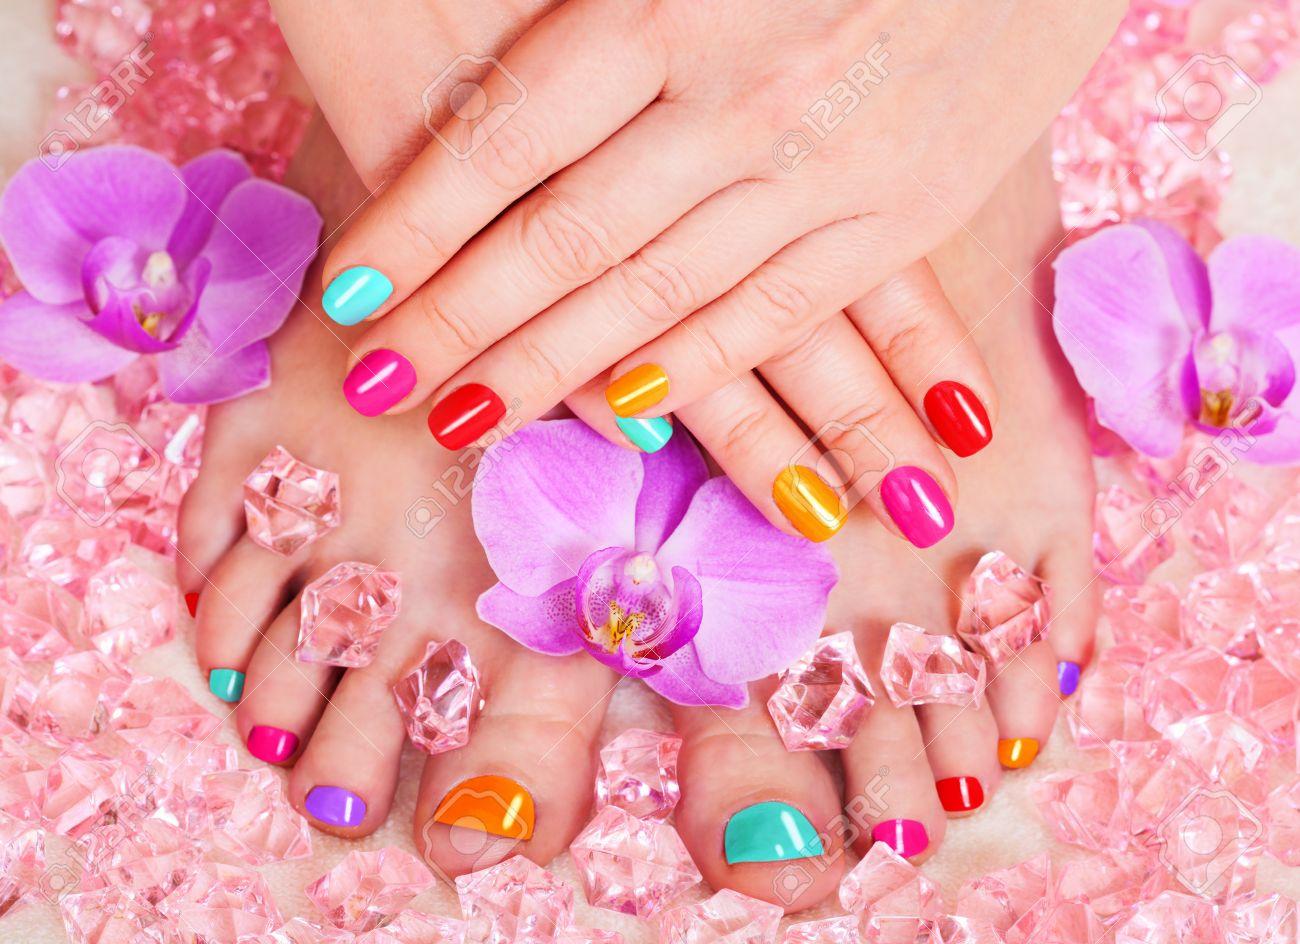 Imágenes de manicure y pedicure